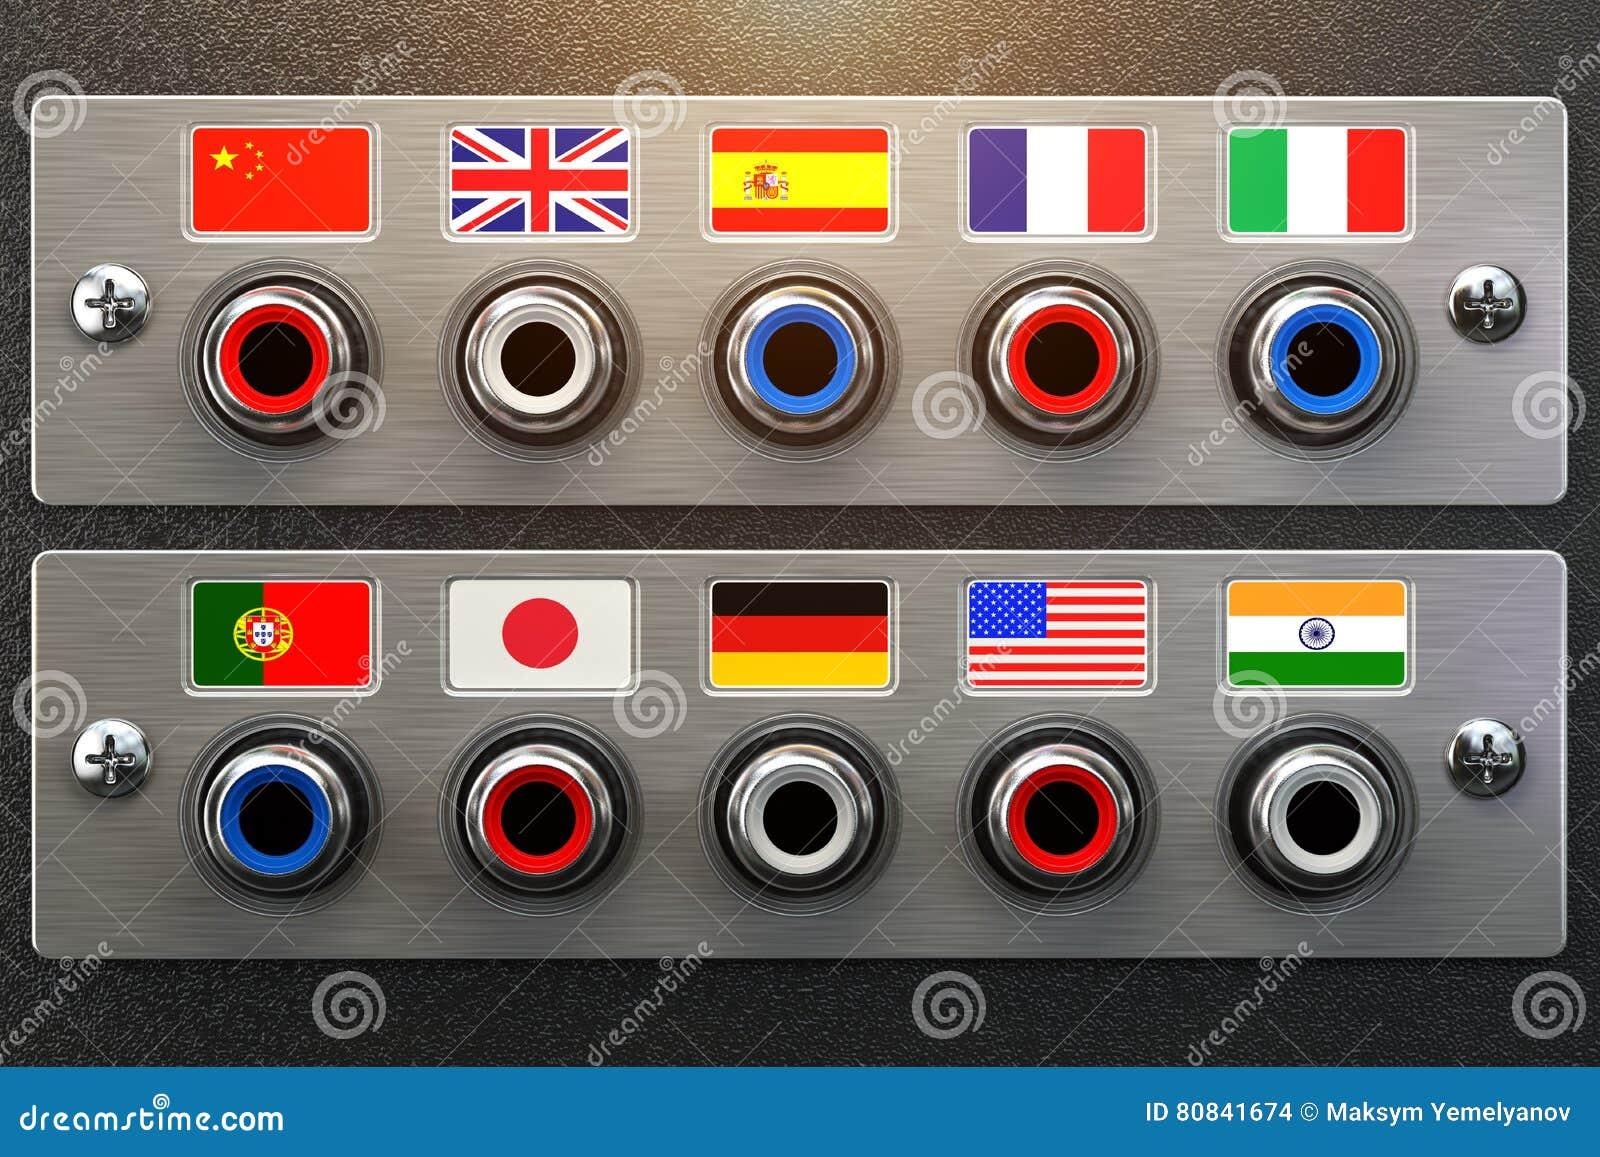 Choisissez le langage En apprenant, traduisez les langues ou le guide audio Co